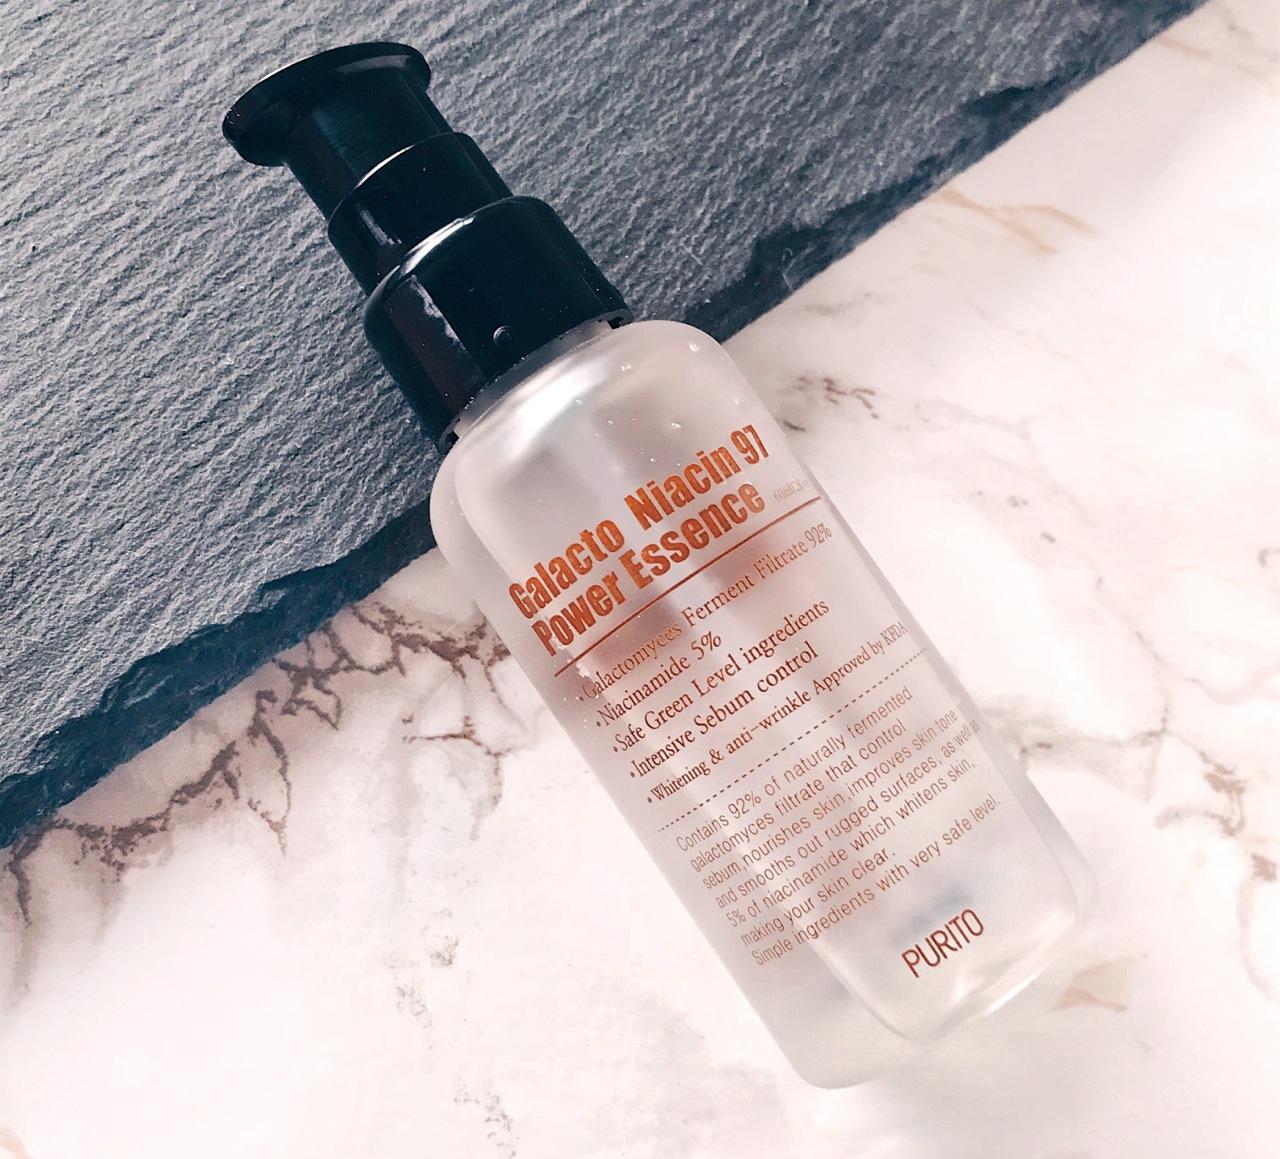 Purito Galacto Niacin 97 Power Essence Korean skincare review